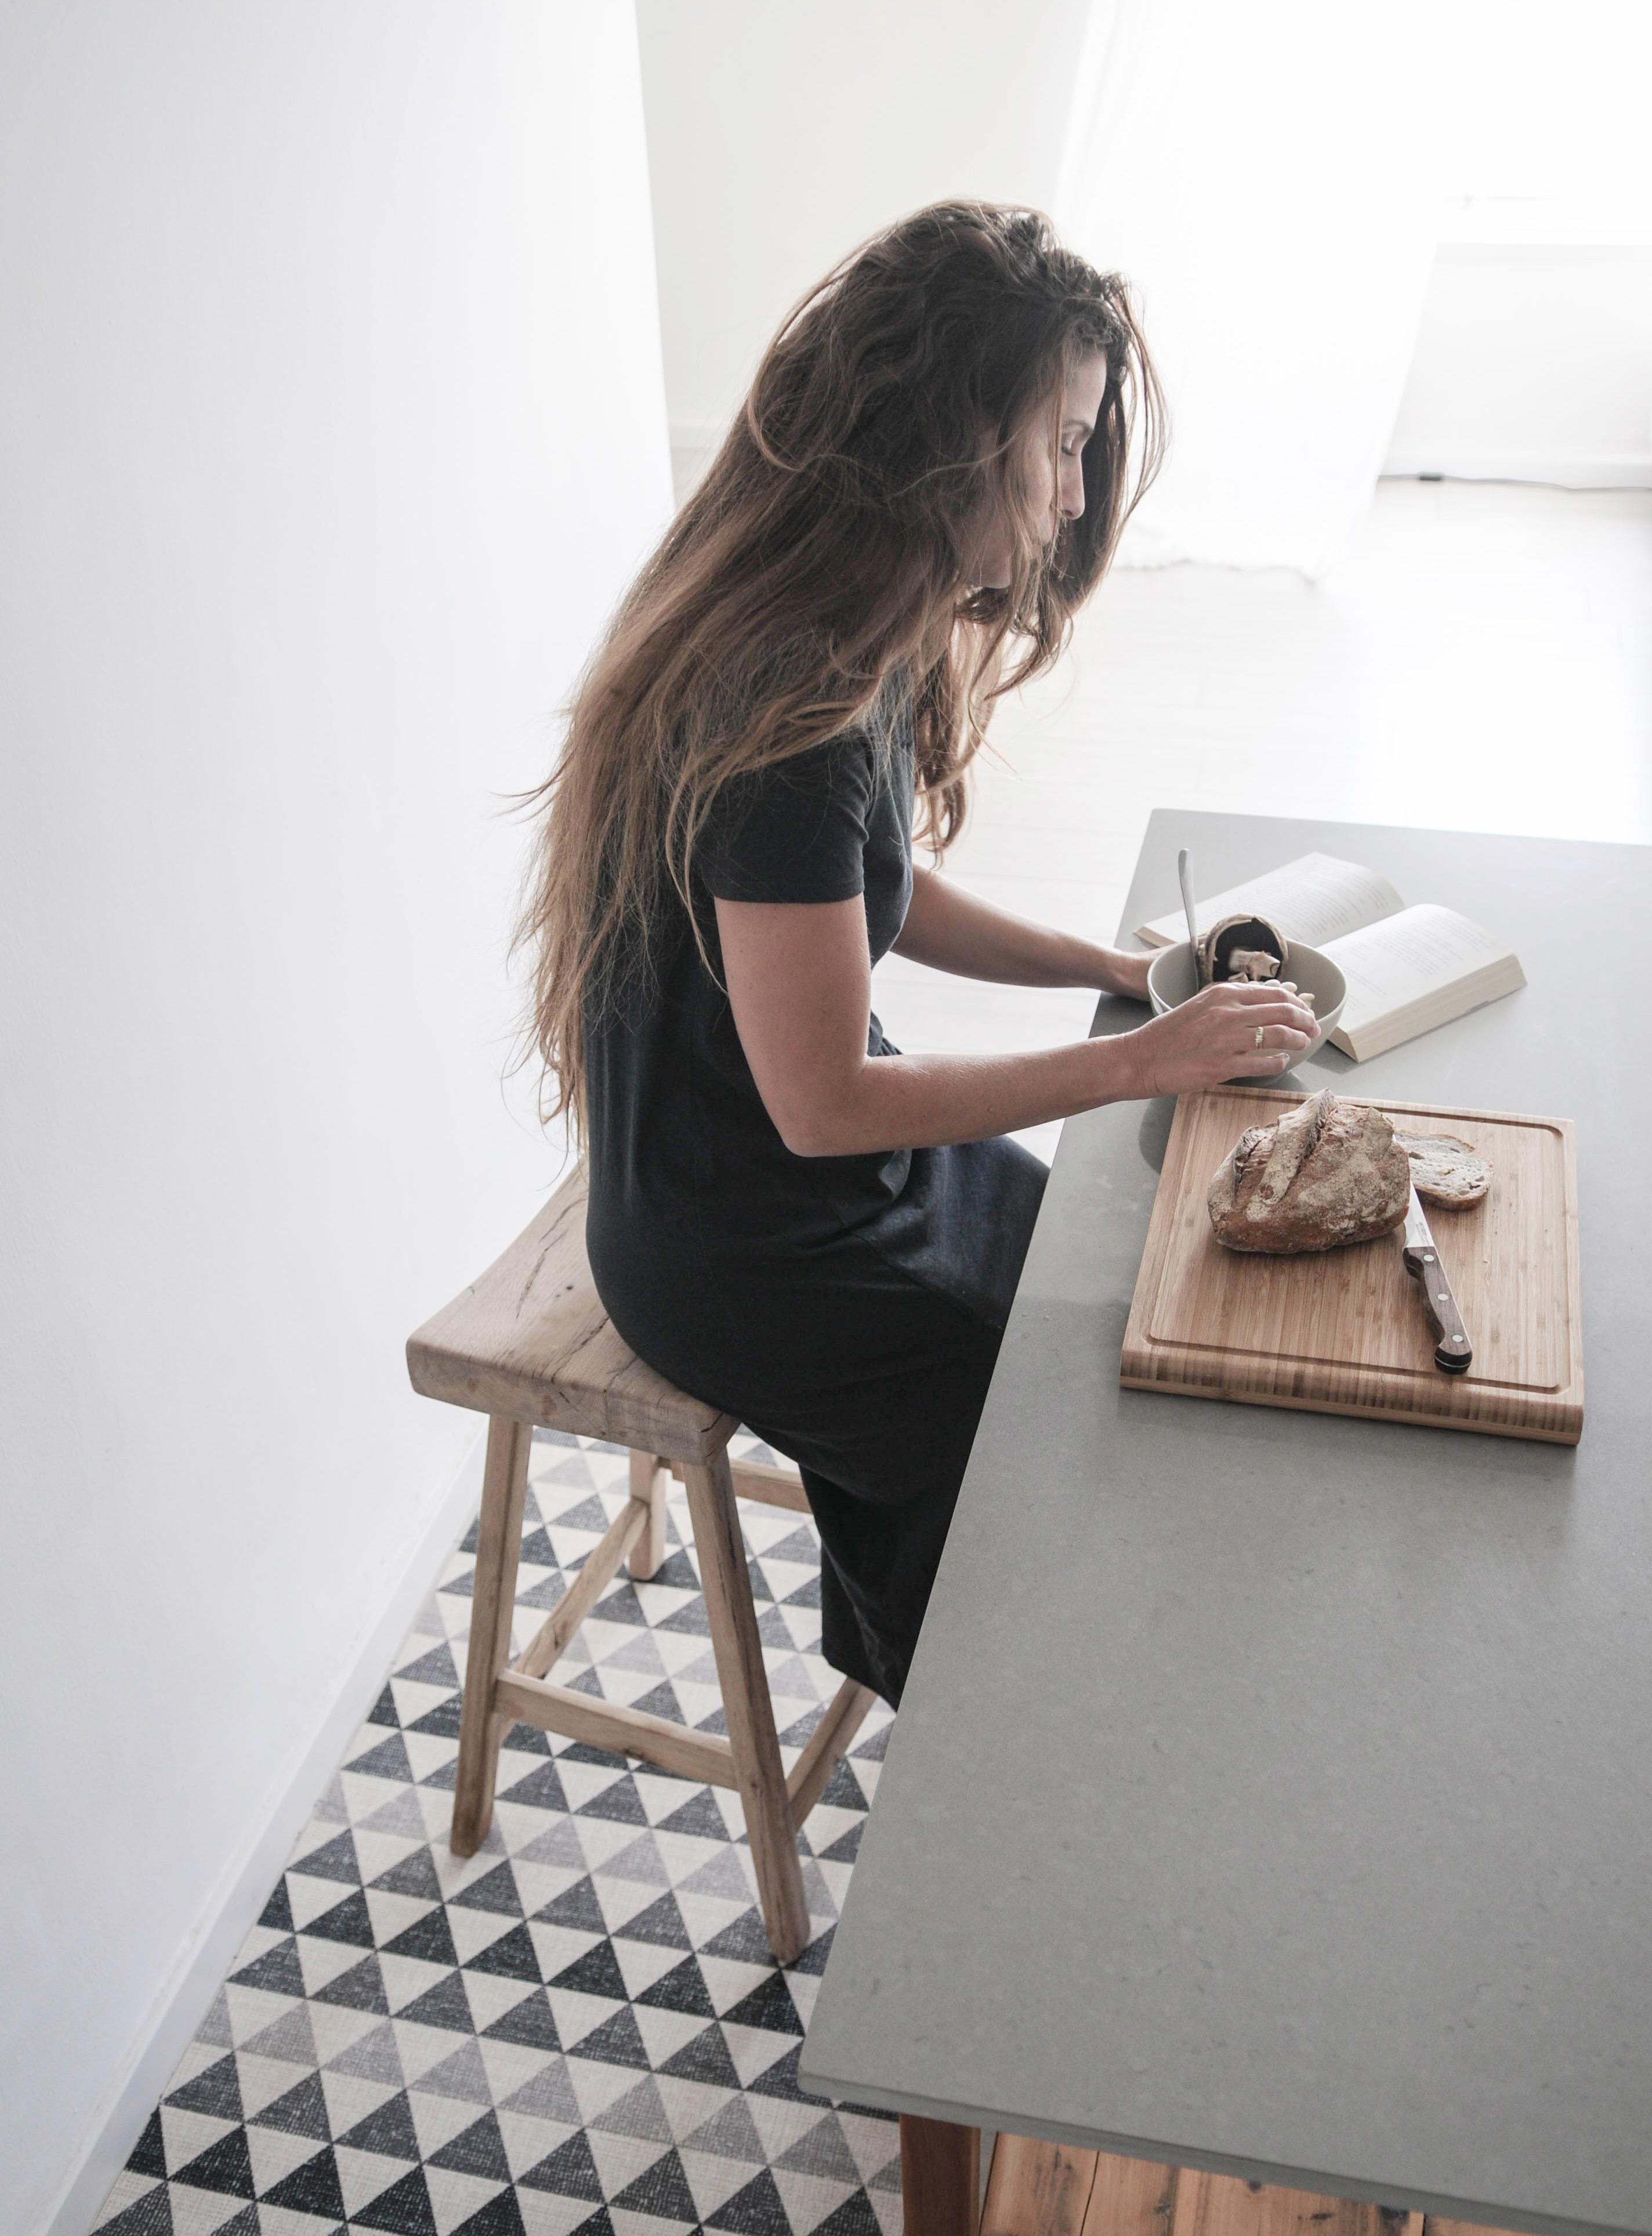 Beija flor, Crossing Parallels Studio